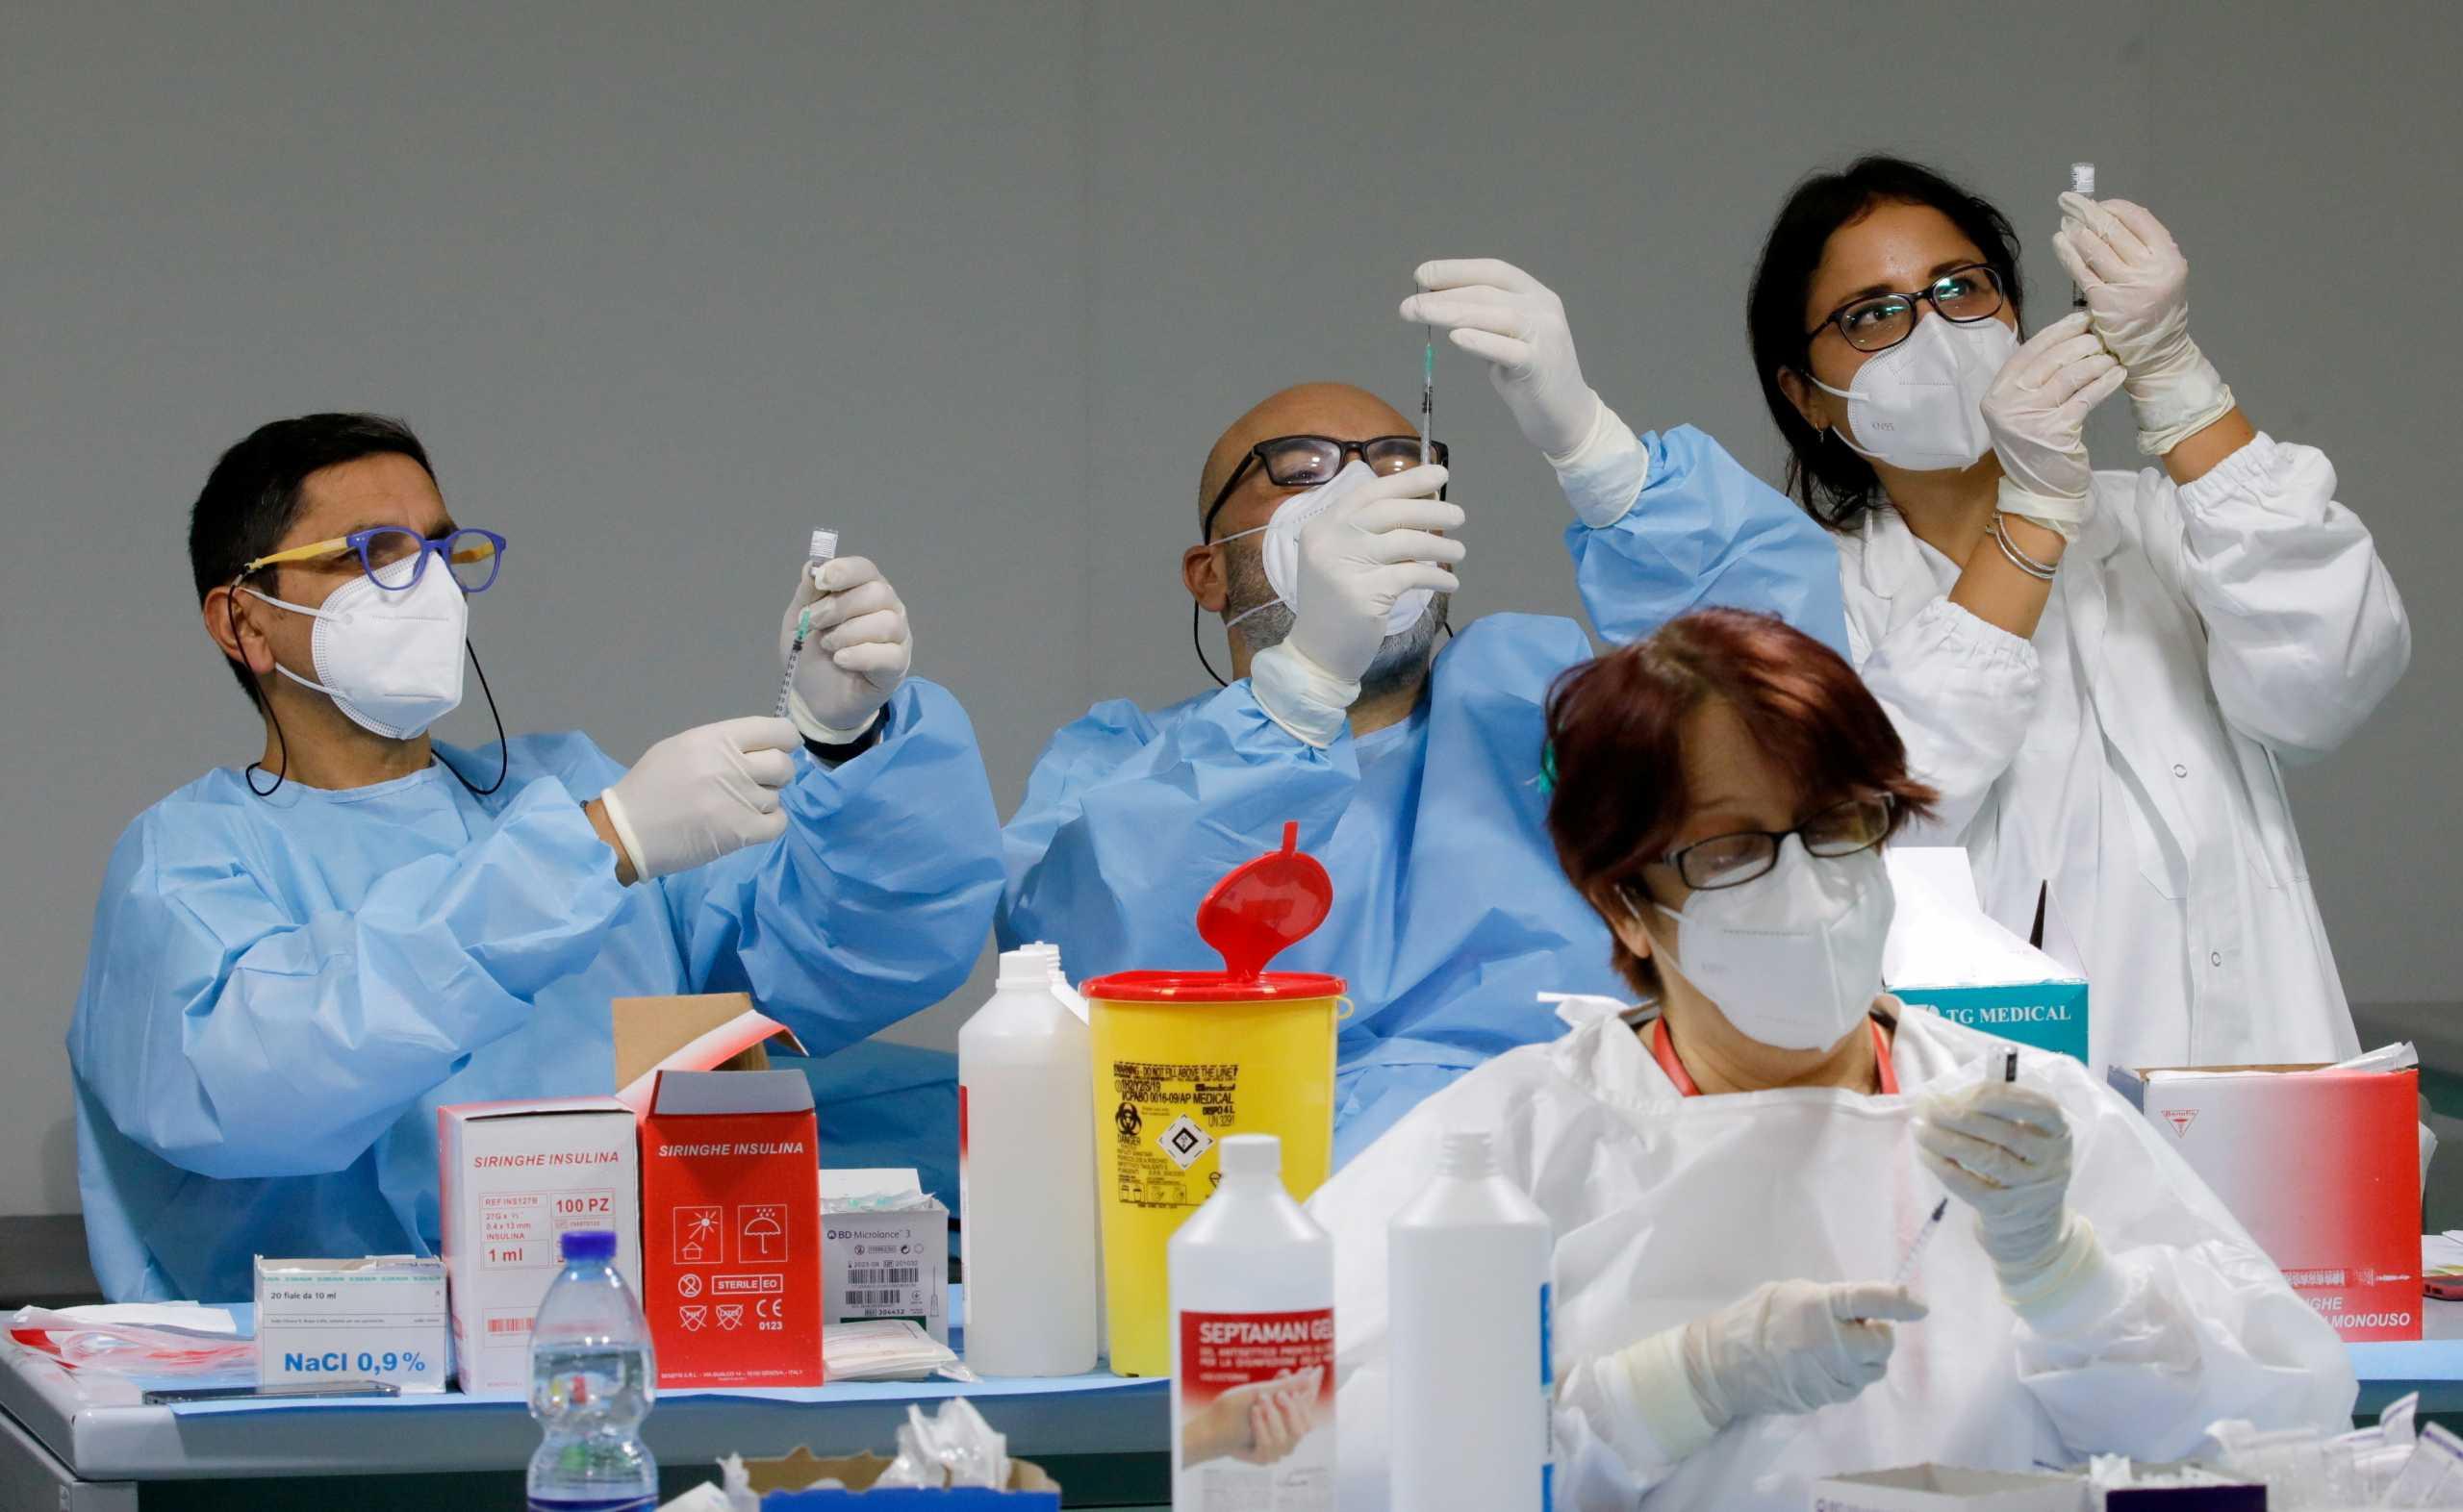 ΠΟΥ: «Αποτυχία» αν οι πλούσιες χώρες δεν δώσουν περισσότερα εμβόλια στις φτωχότερες